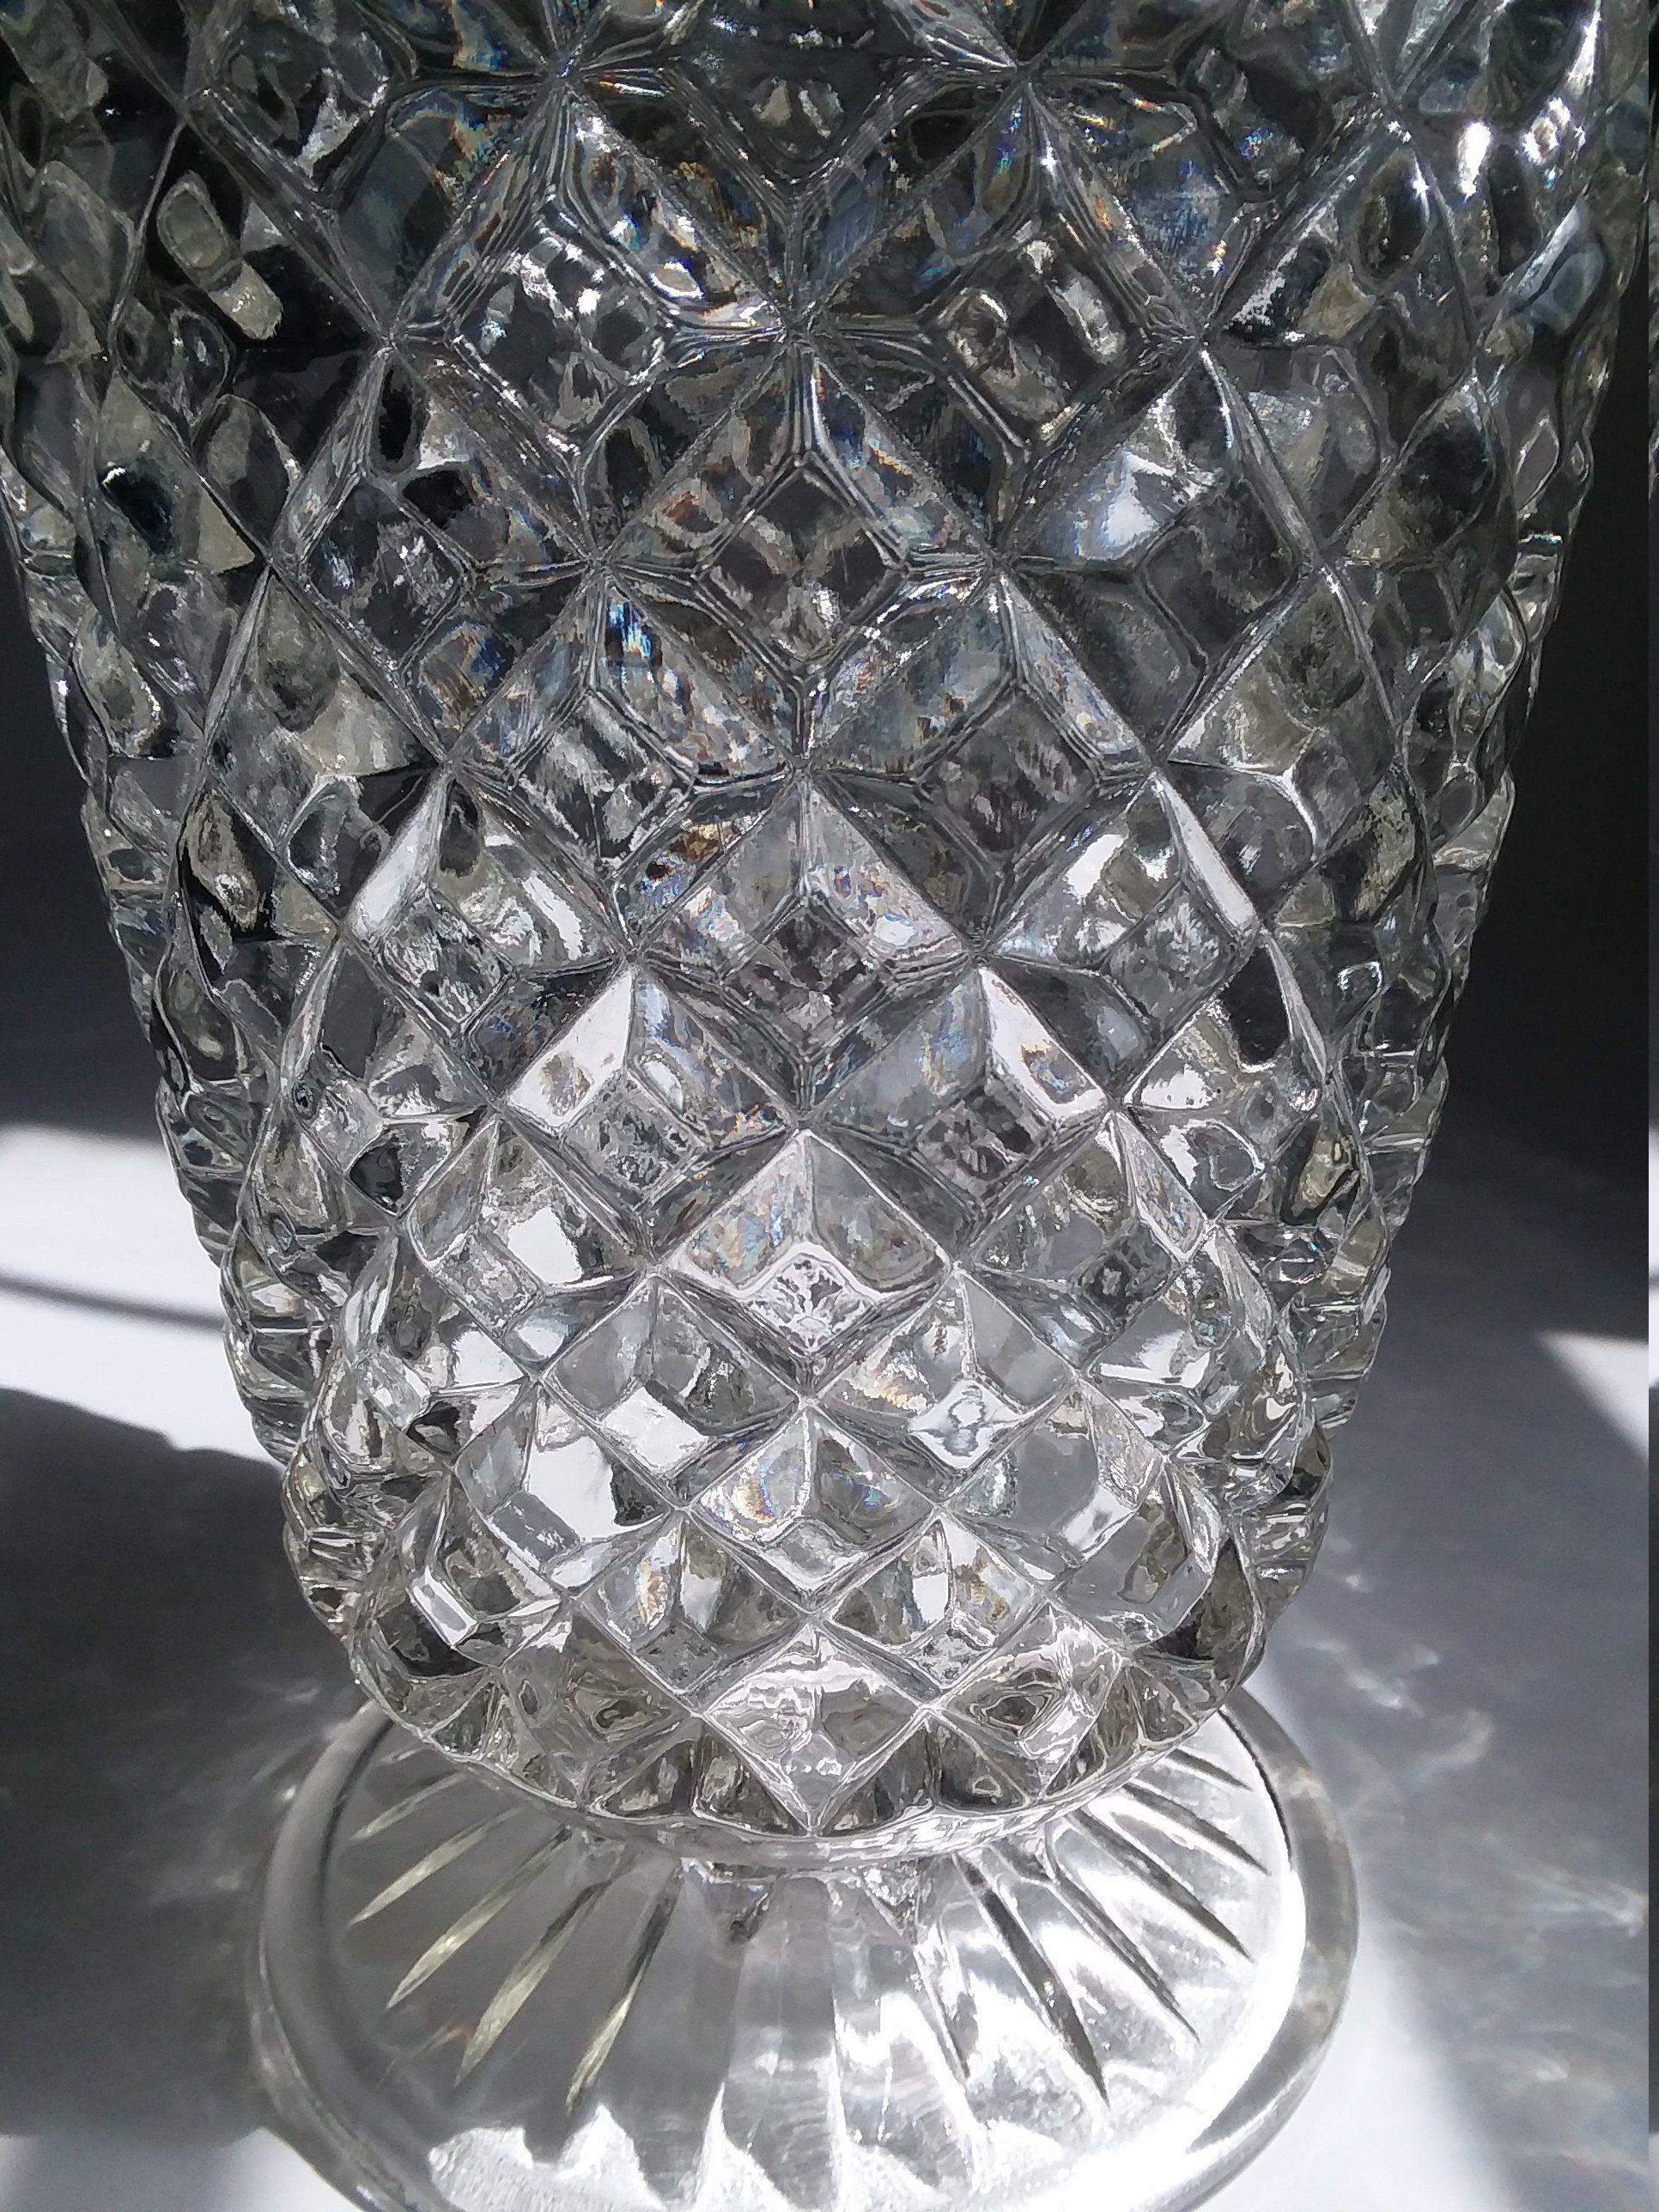 Tall Large Lead Crystal Clear Vase With Diamond Lattice Design Flower Vase Crystal Vase Large Flower Vases Clear Vases